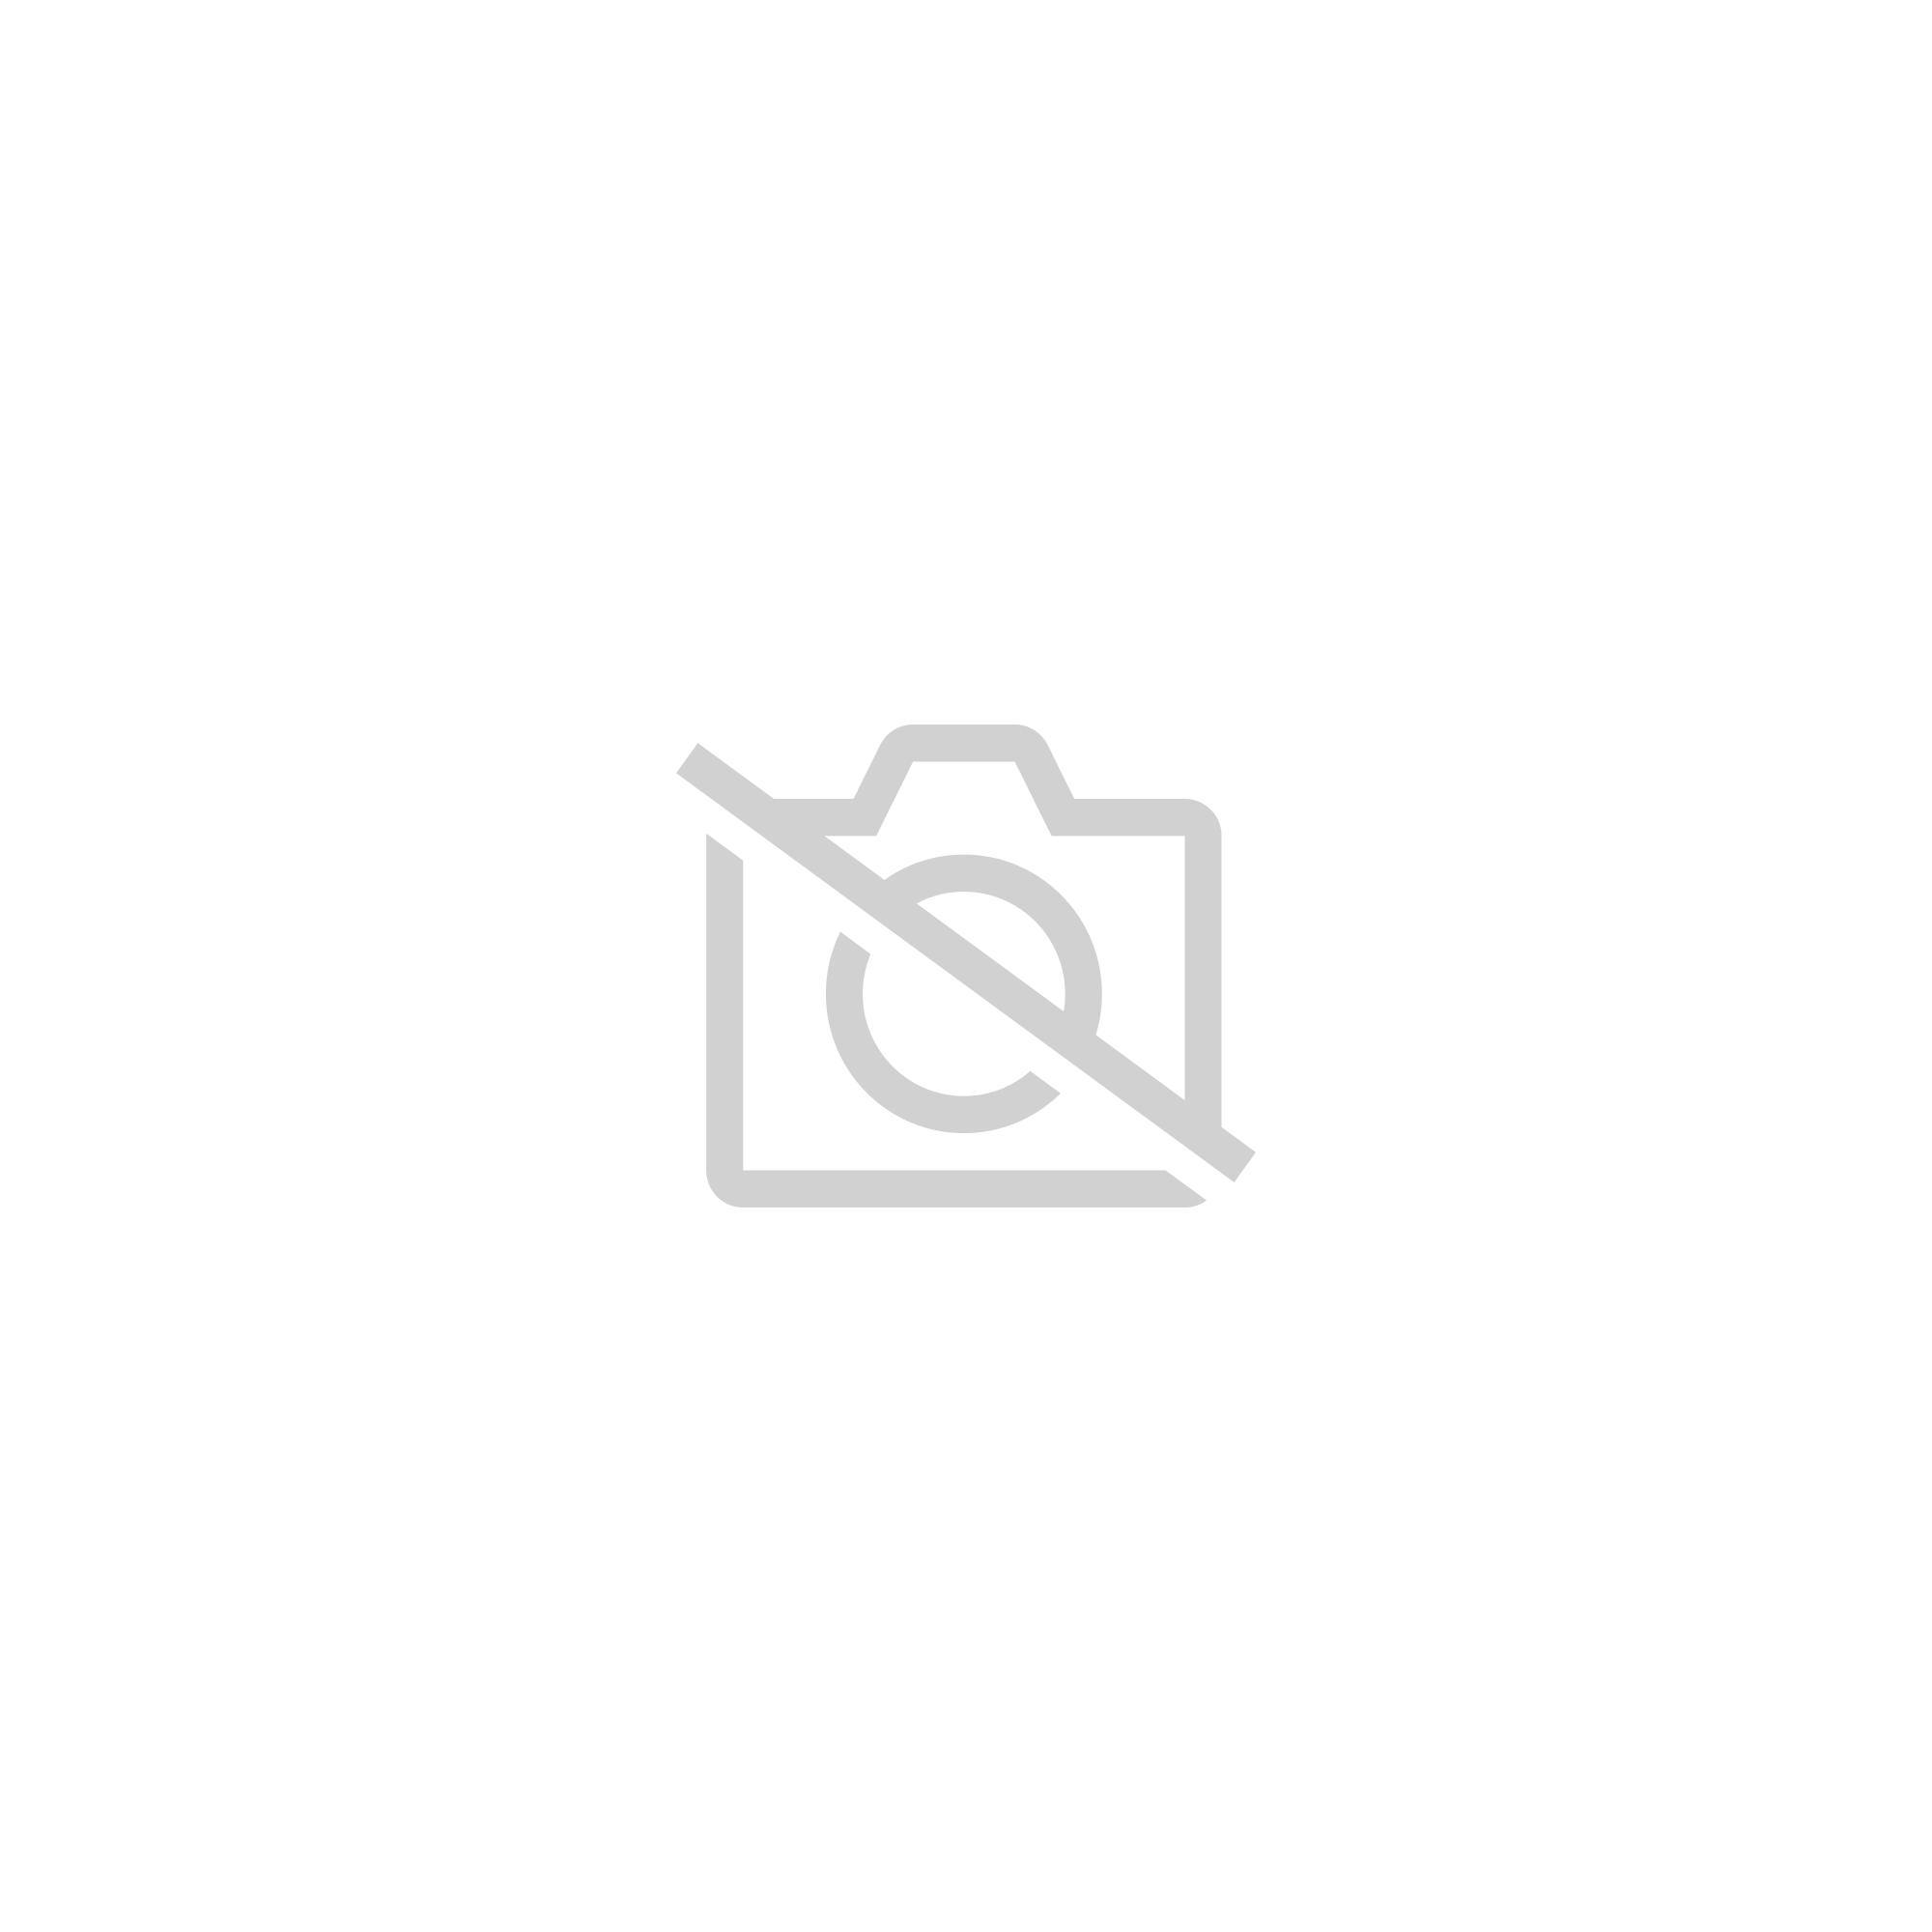 Salon de jardin lounge jusqu\'à - 61 % - soldes deuxième démarque